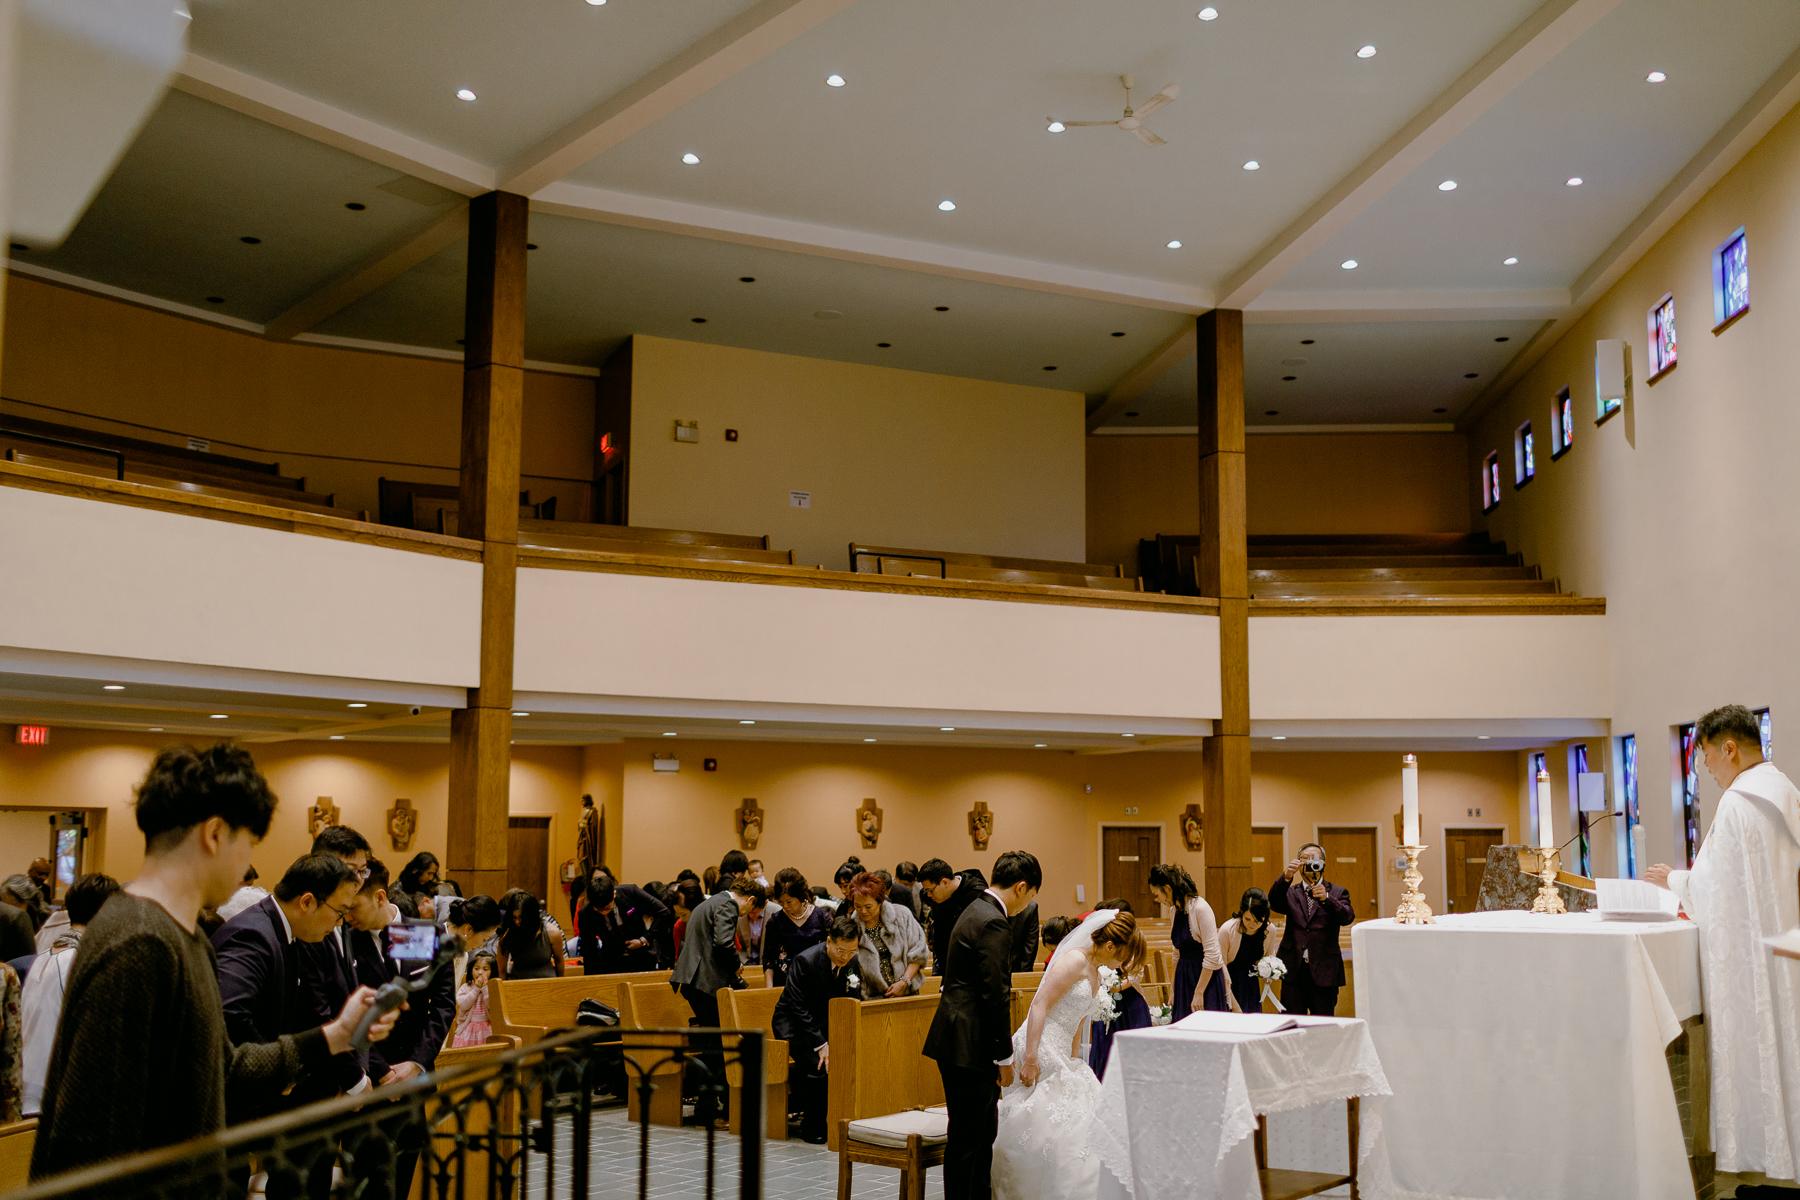 markham-wedding-photography-markham-museum-wedding 0039.jpg